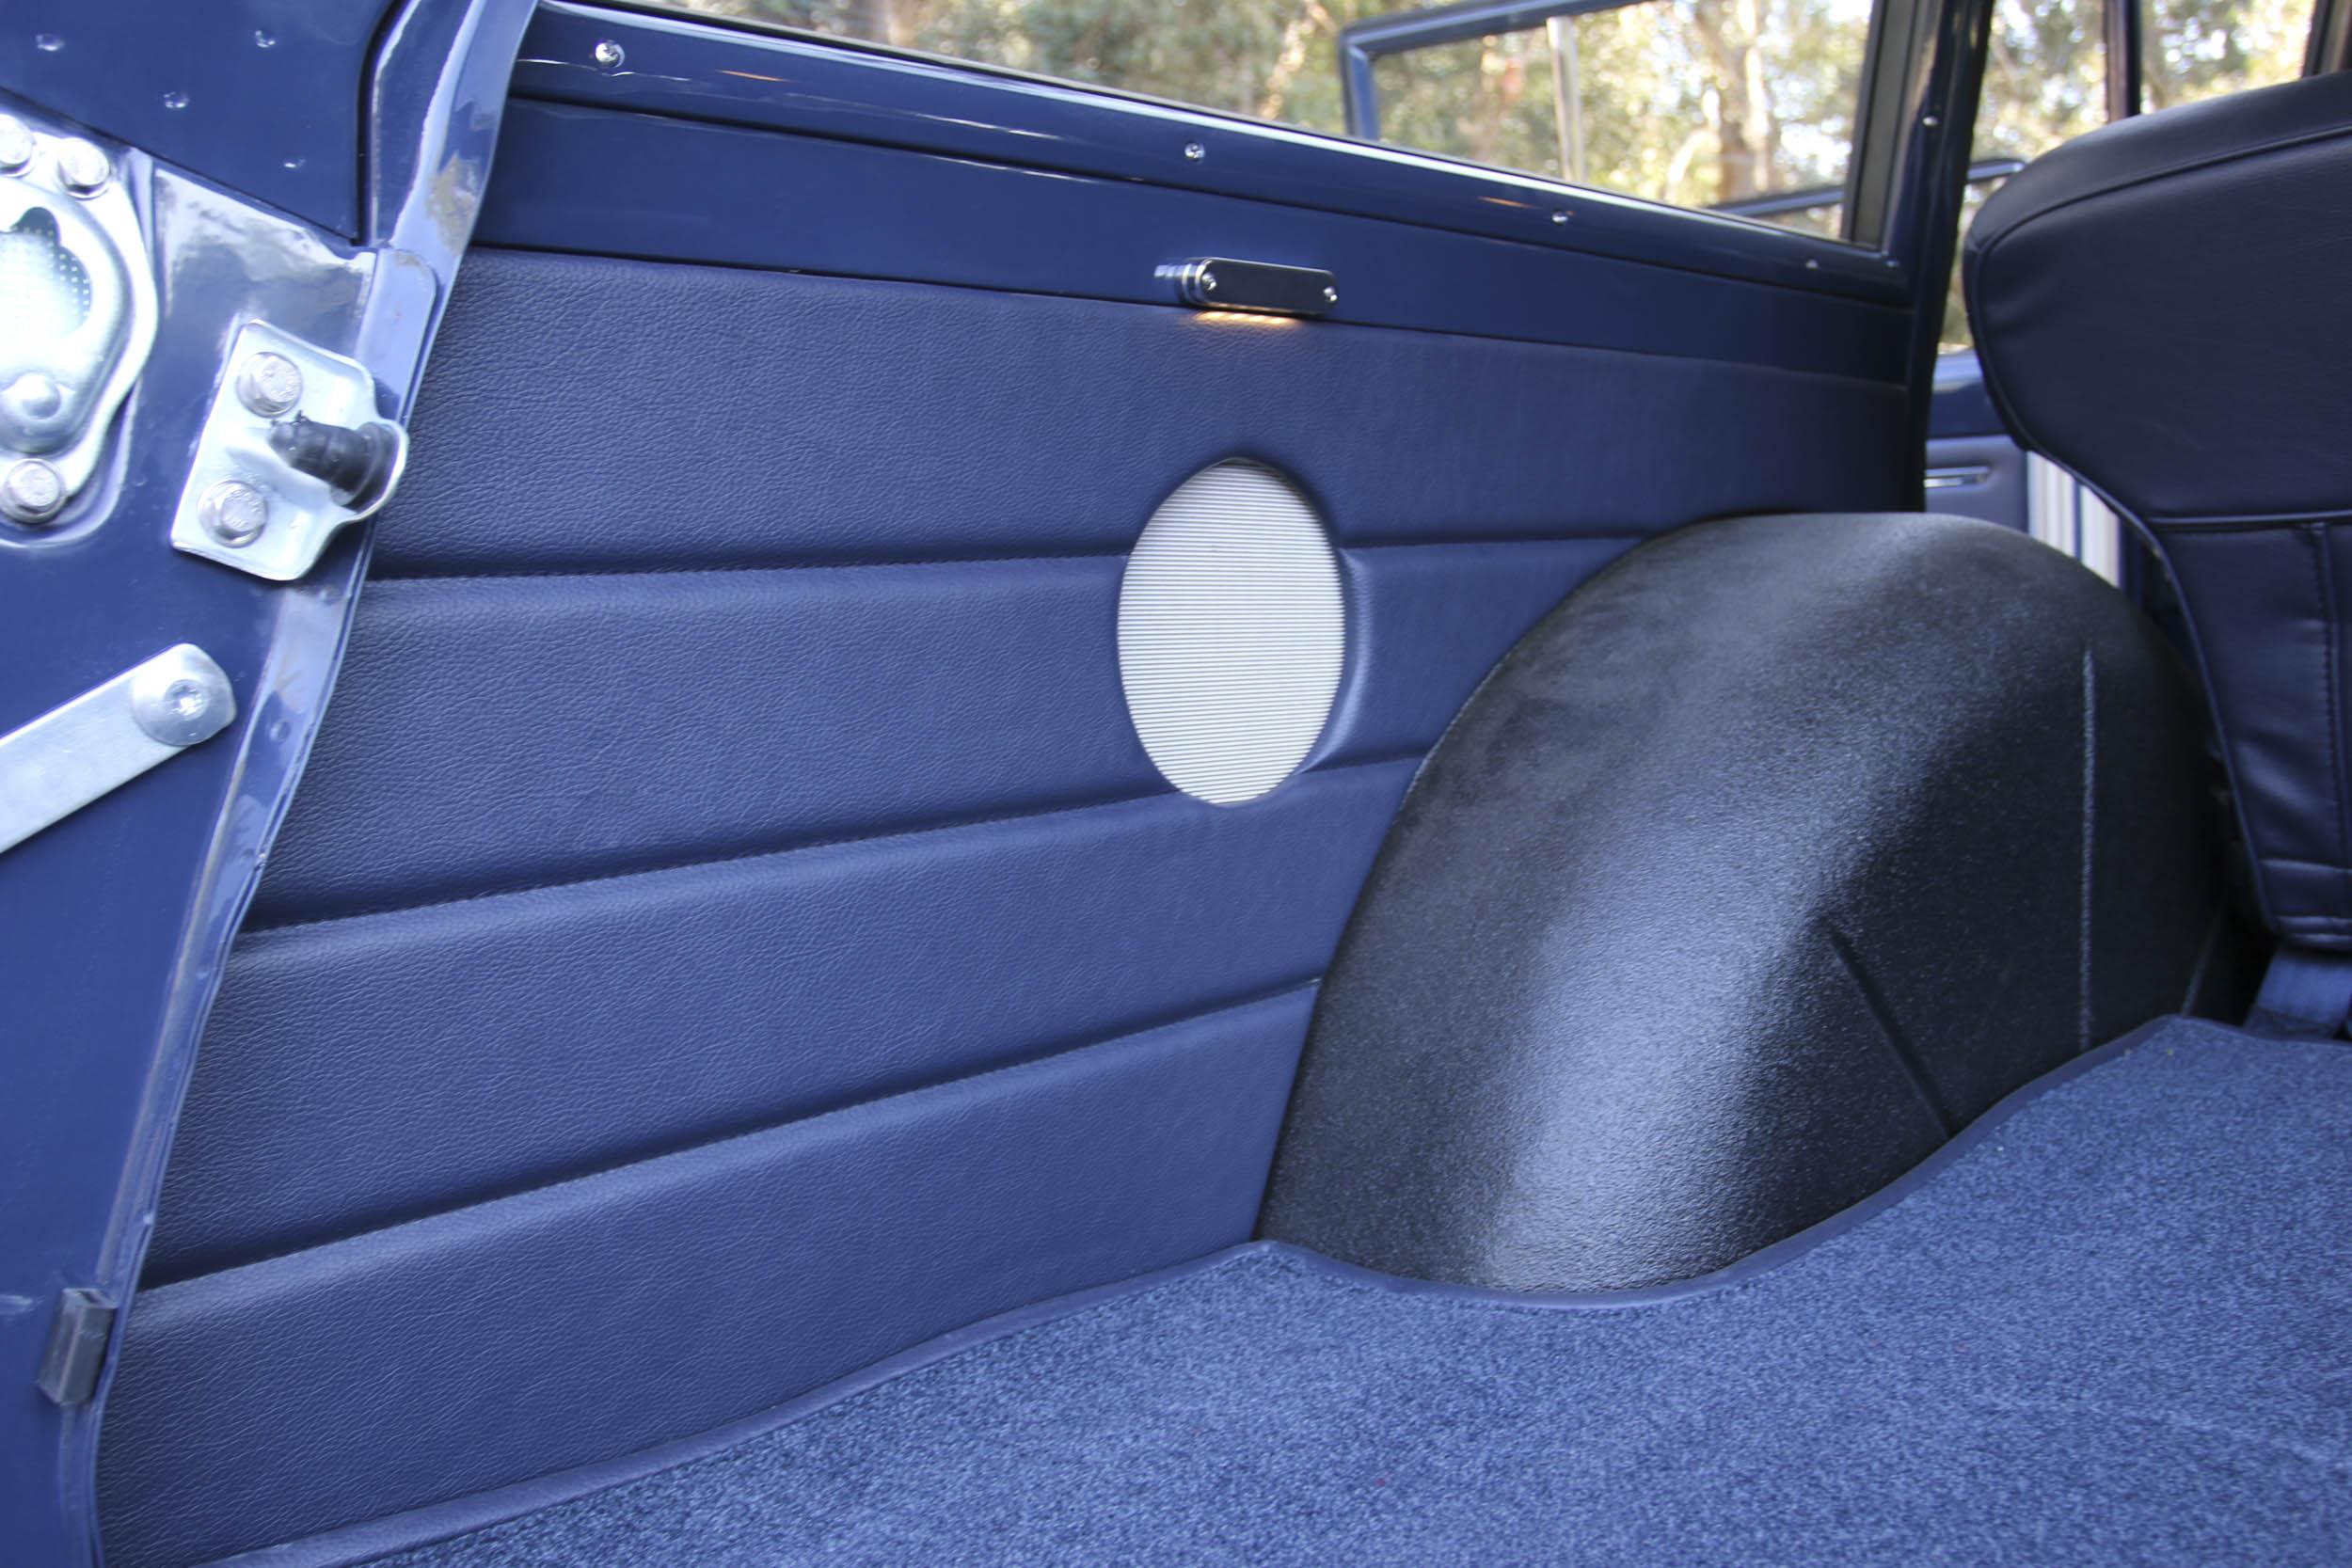 ICON Wagoneer cargo panel